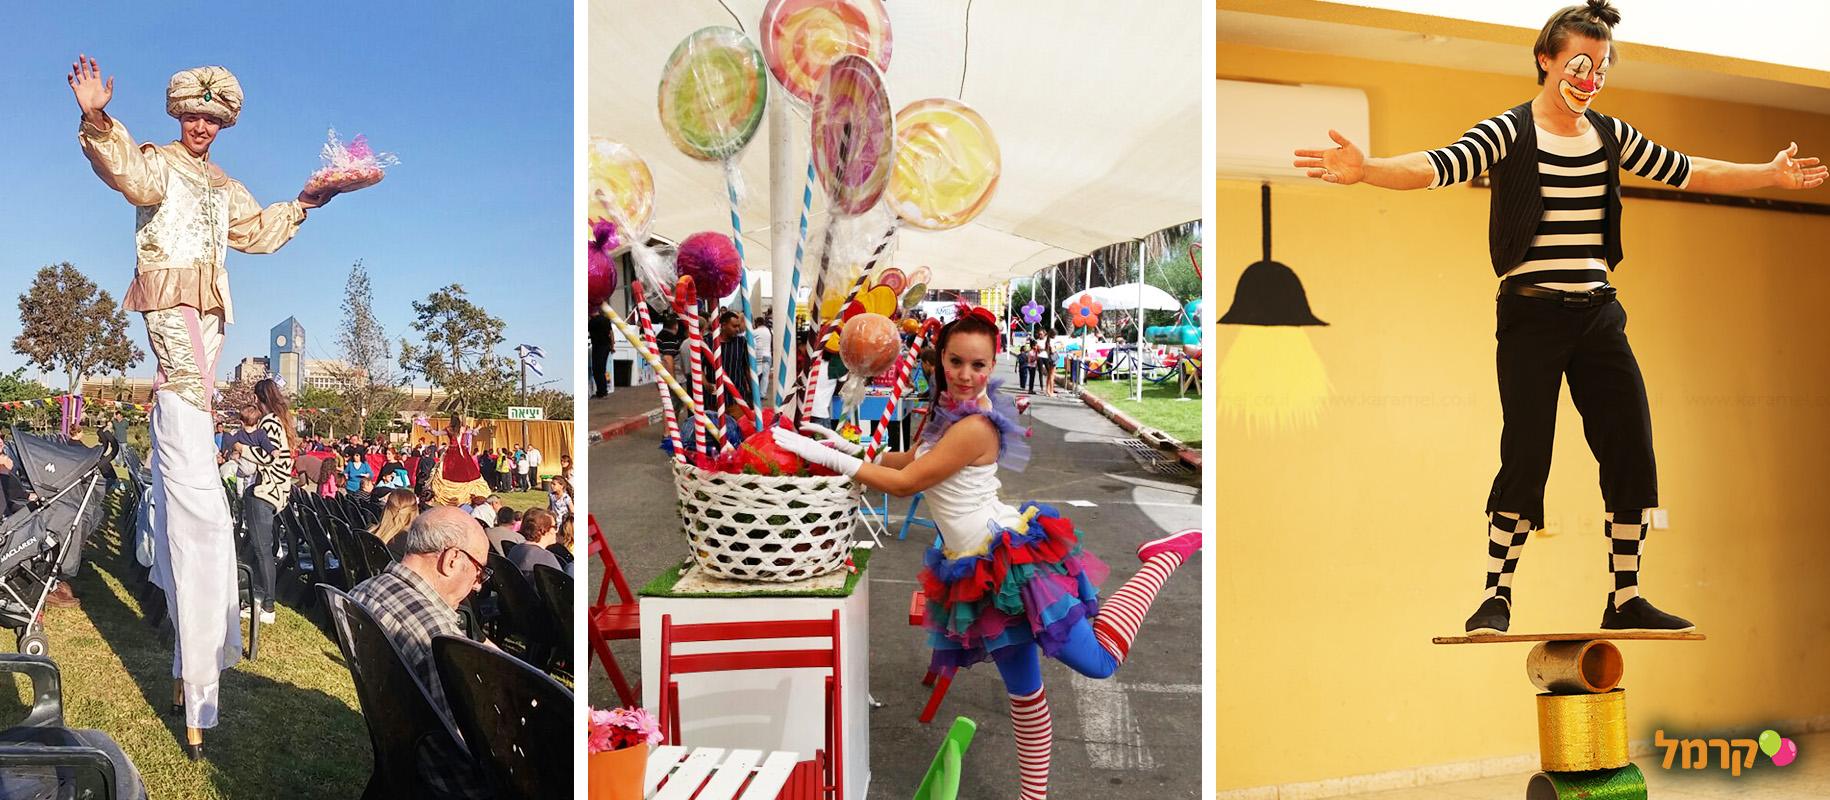 קרקס חנימוב - החגיגה הכי שווה בעיר - 073-7756850